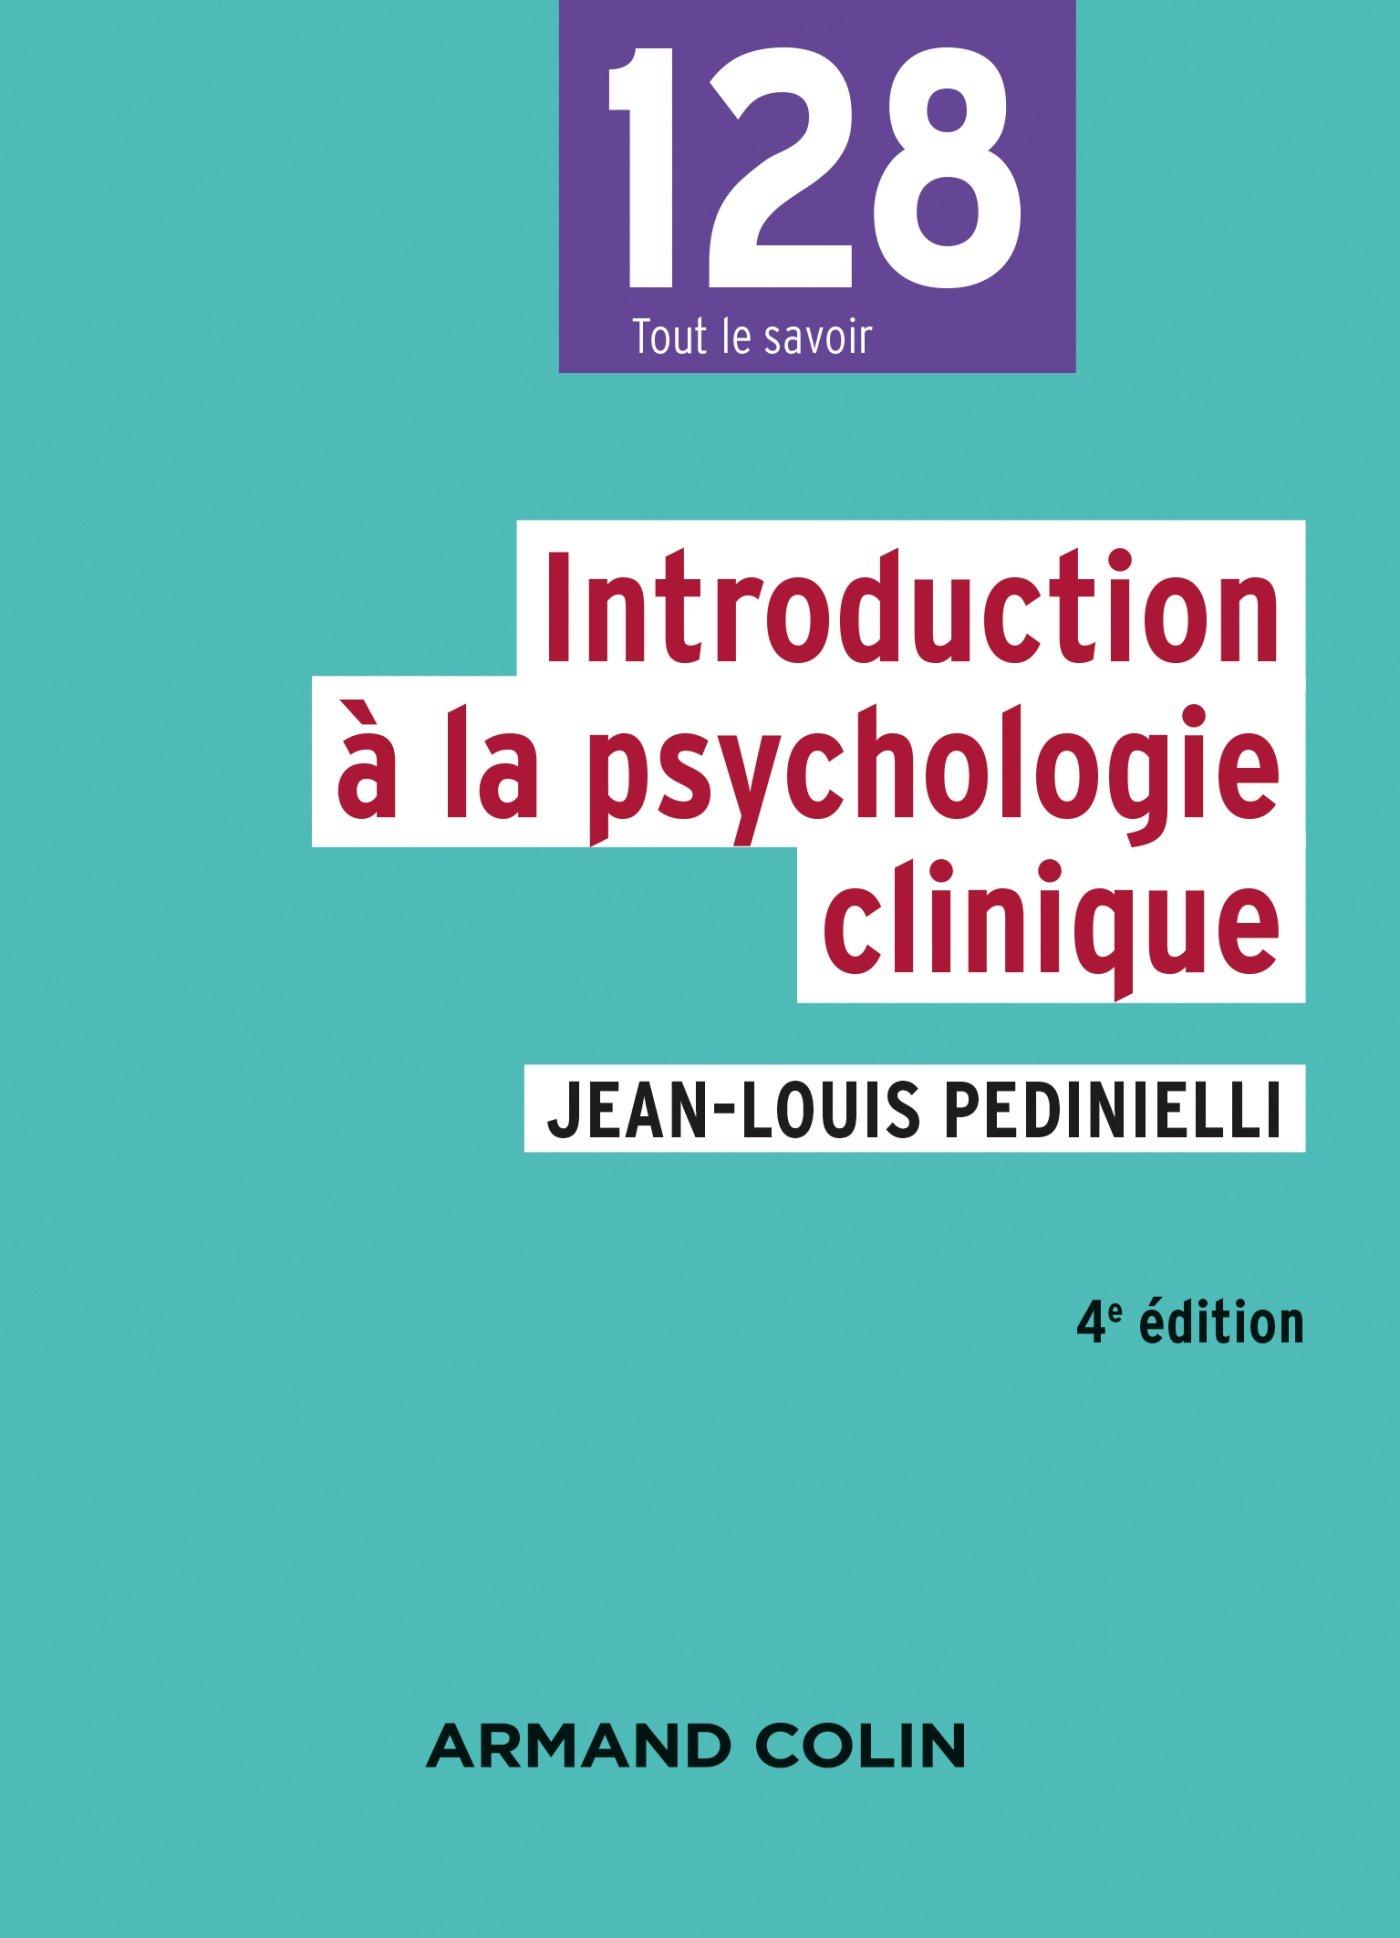 Introduction à la psychologie clinique - 4e éd.